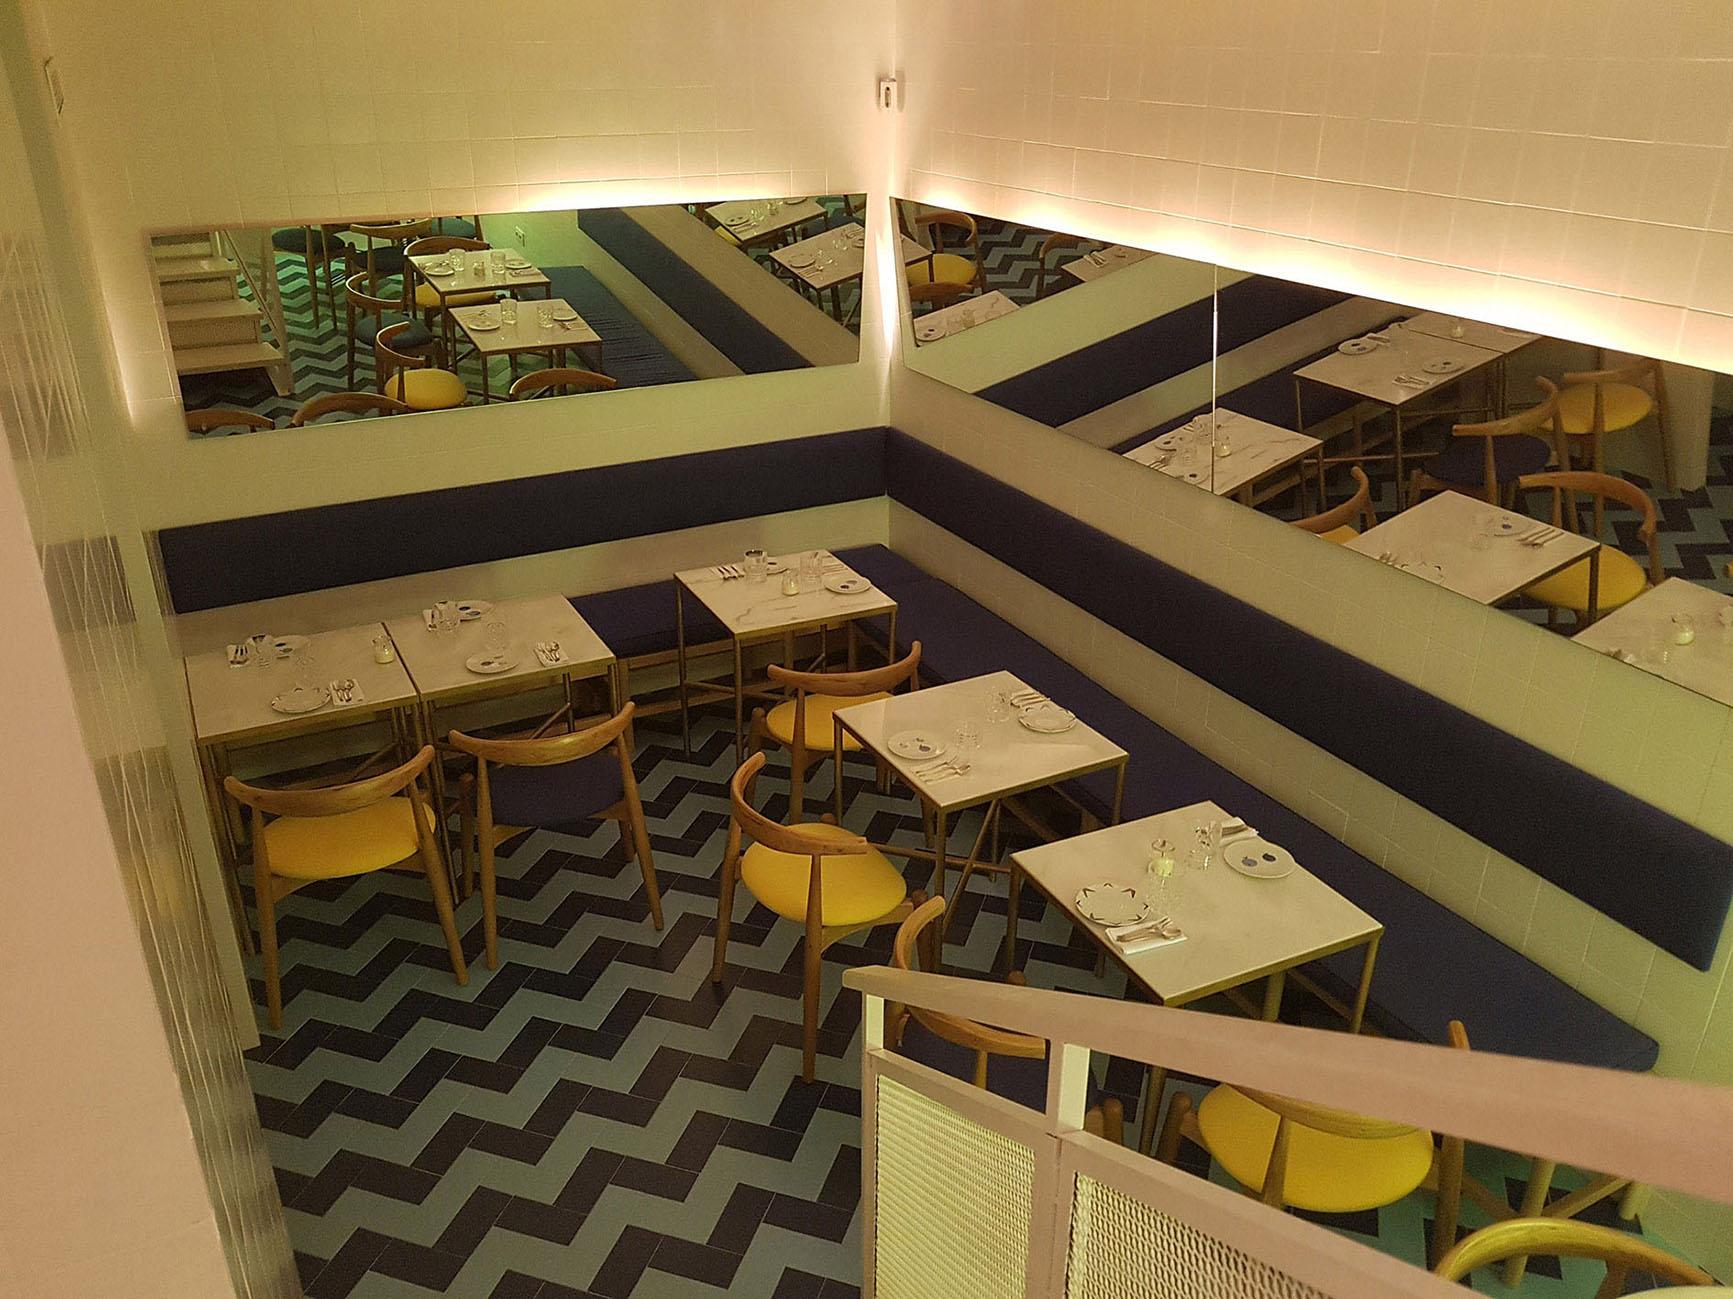 Dise o interiorismo decoraci n puesta en marcha proyecto - Decoracion e interiorismo madrid ...